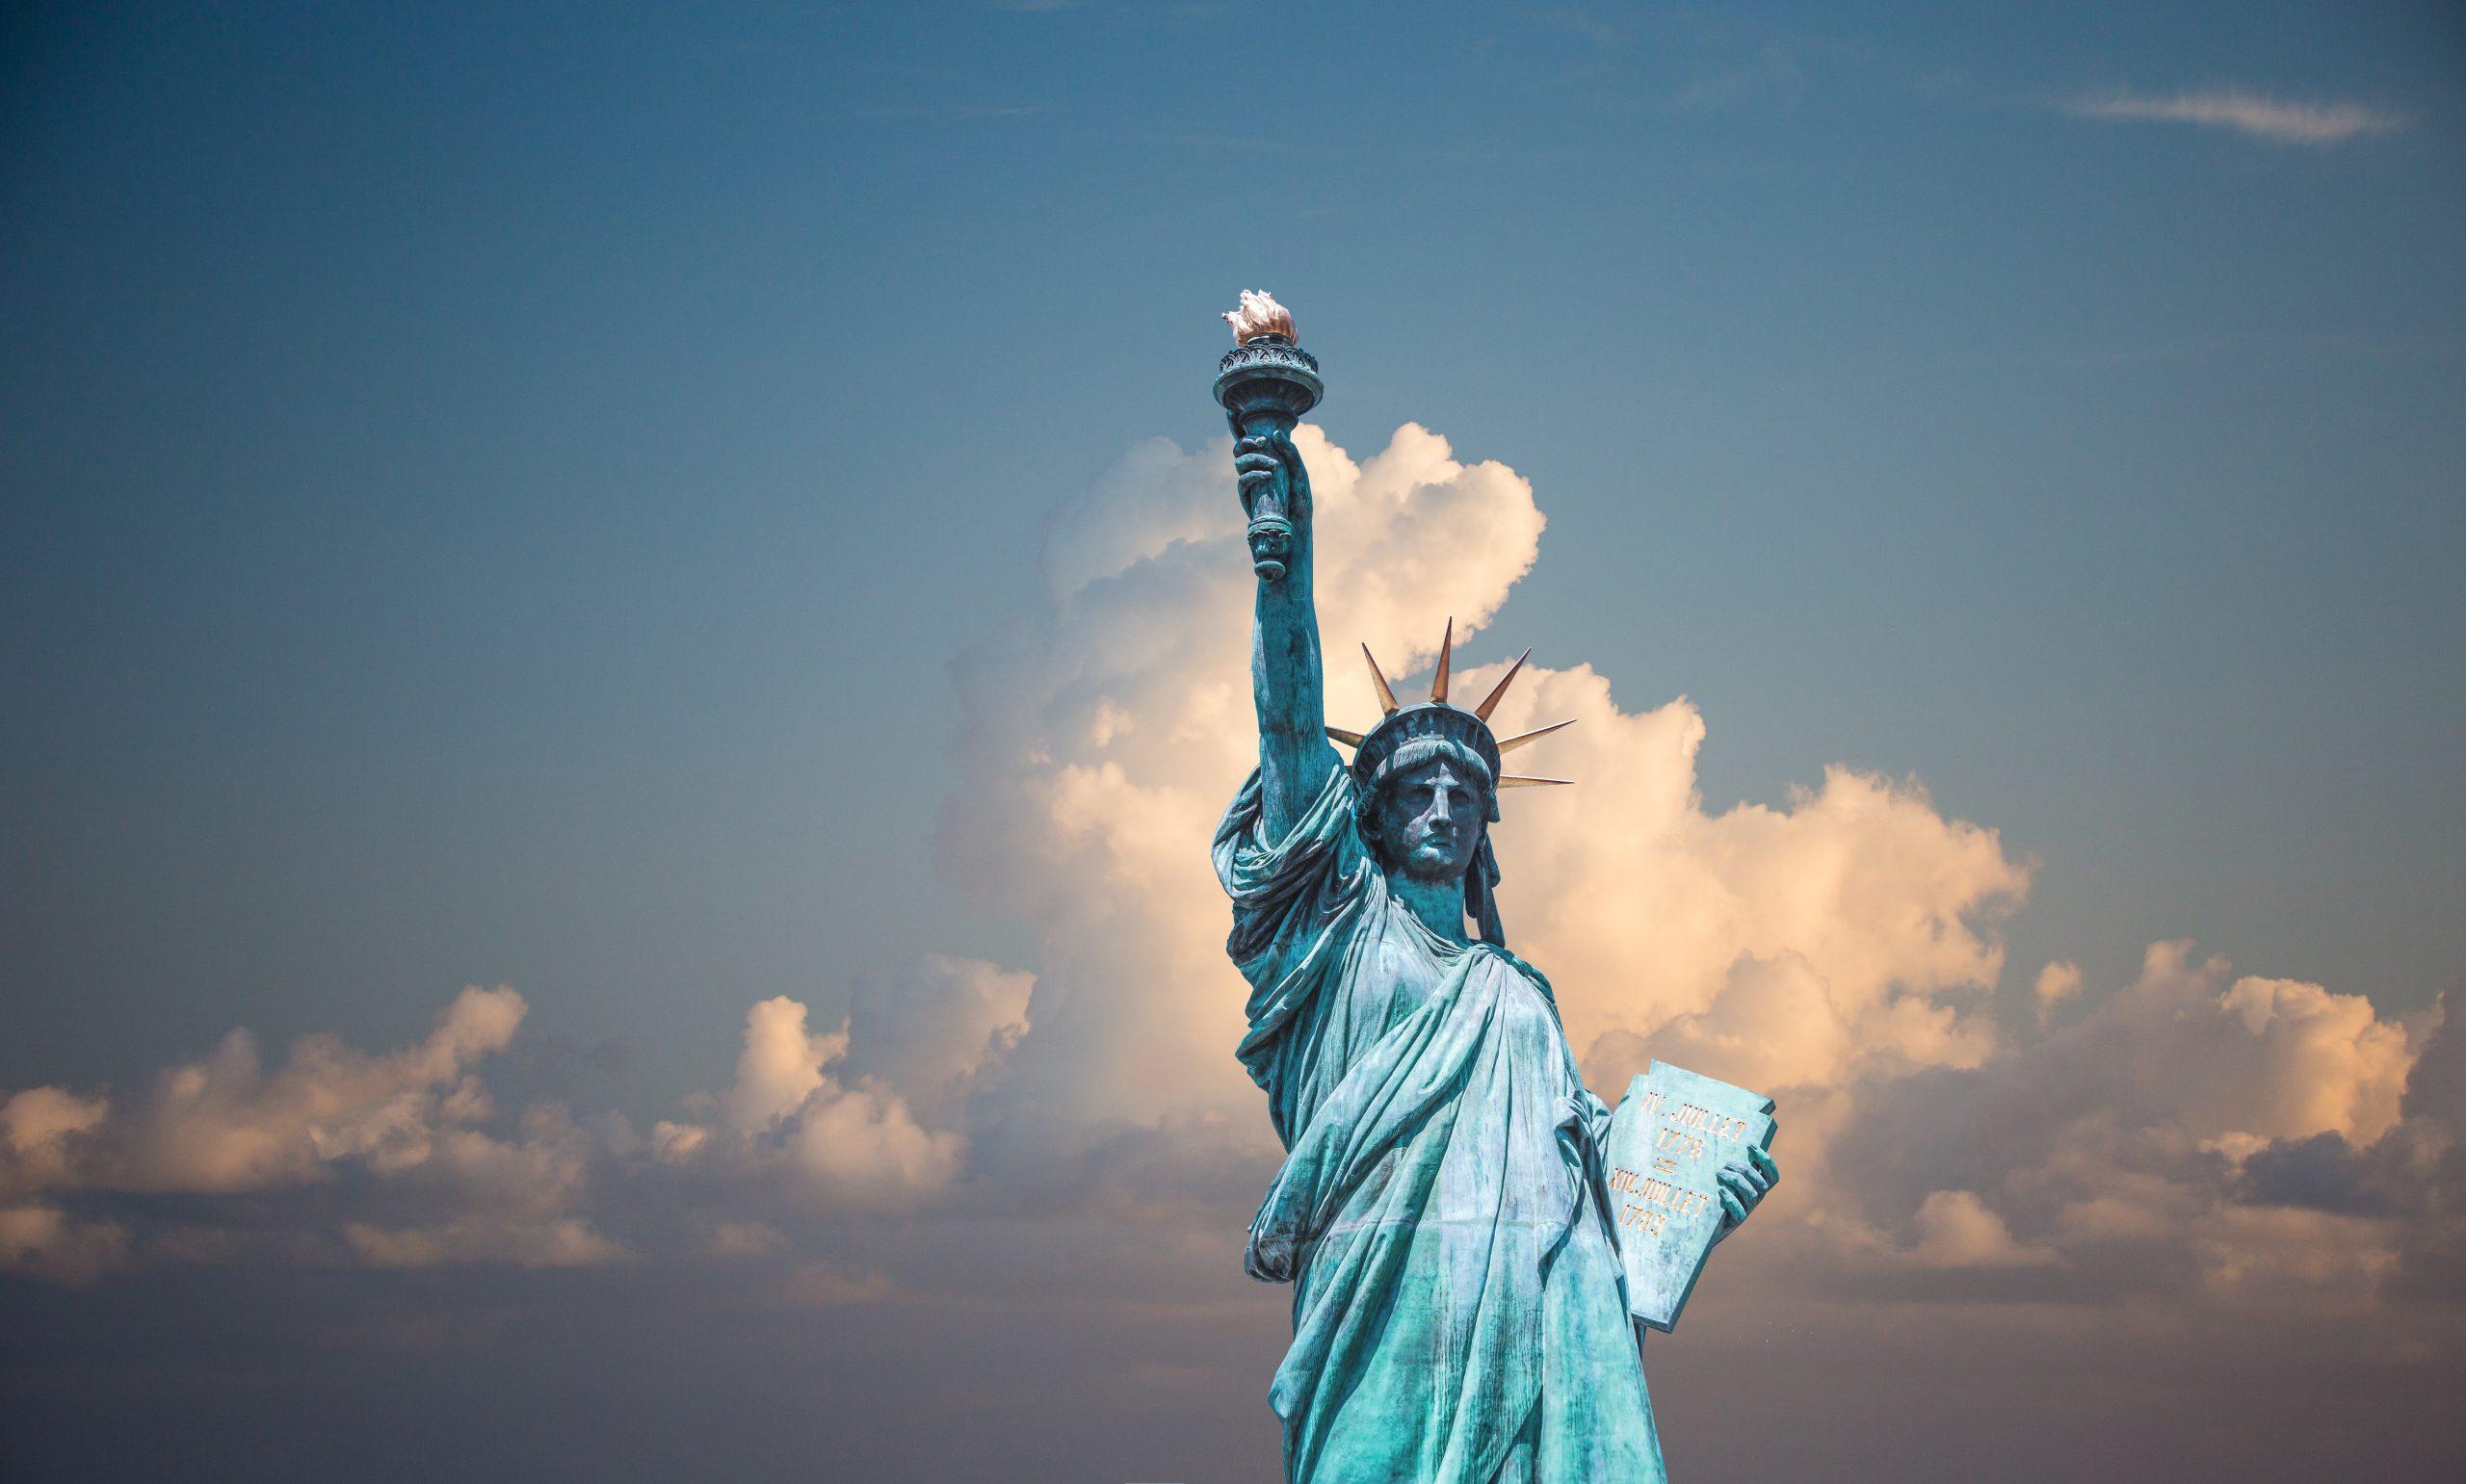 studentska viza za ameriku - sve informacije na jednom mestu